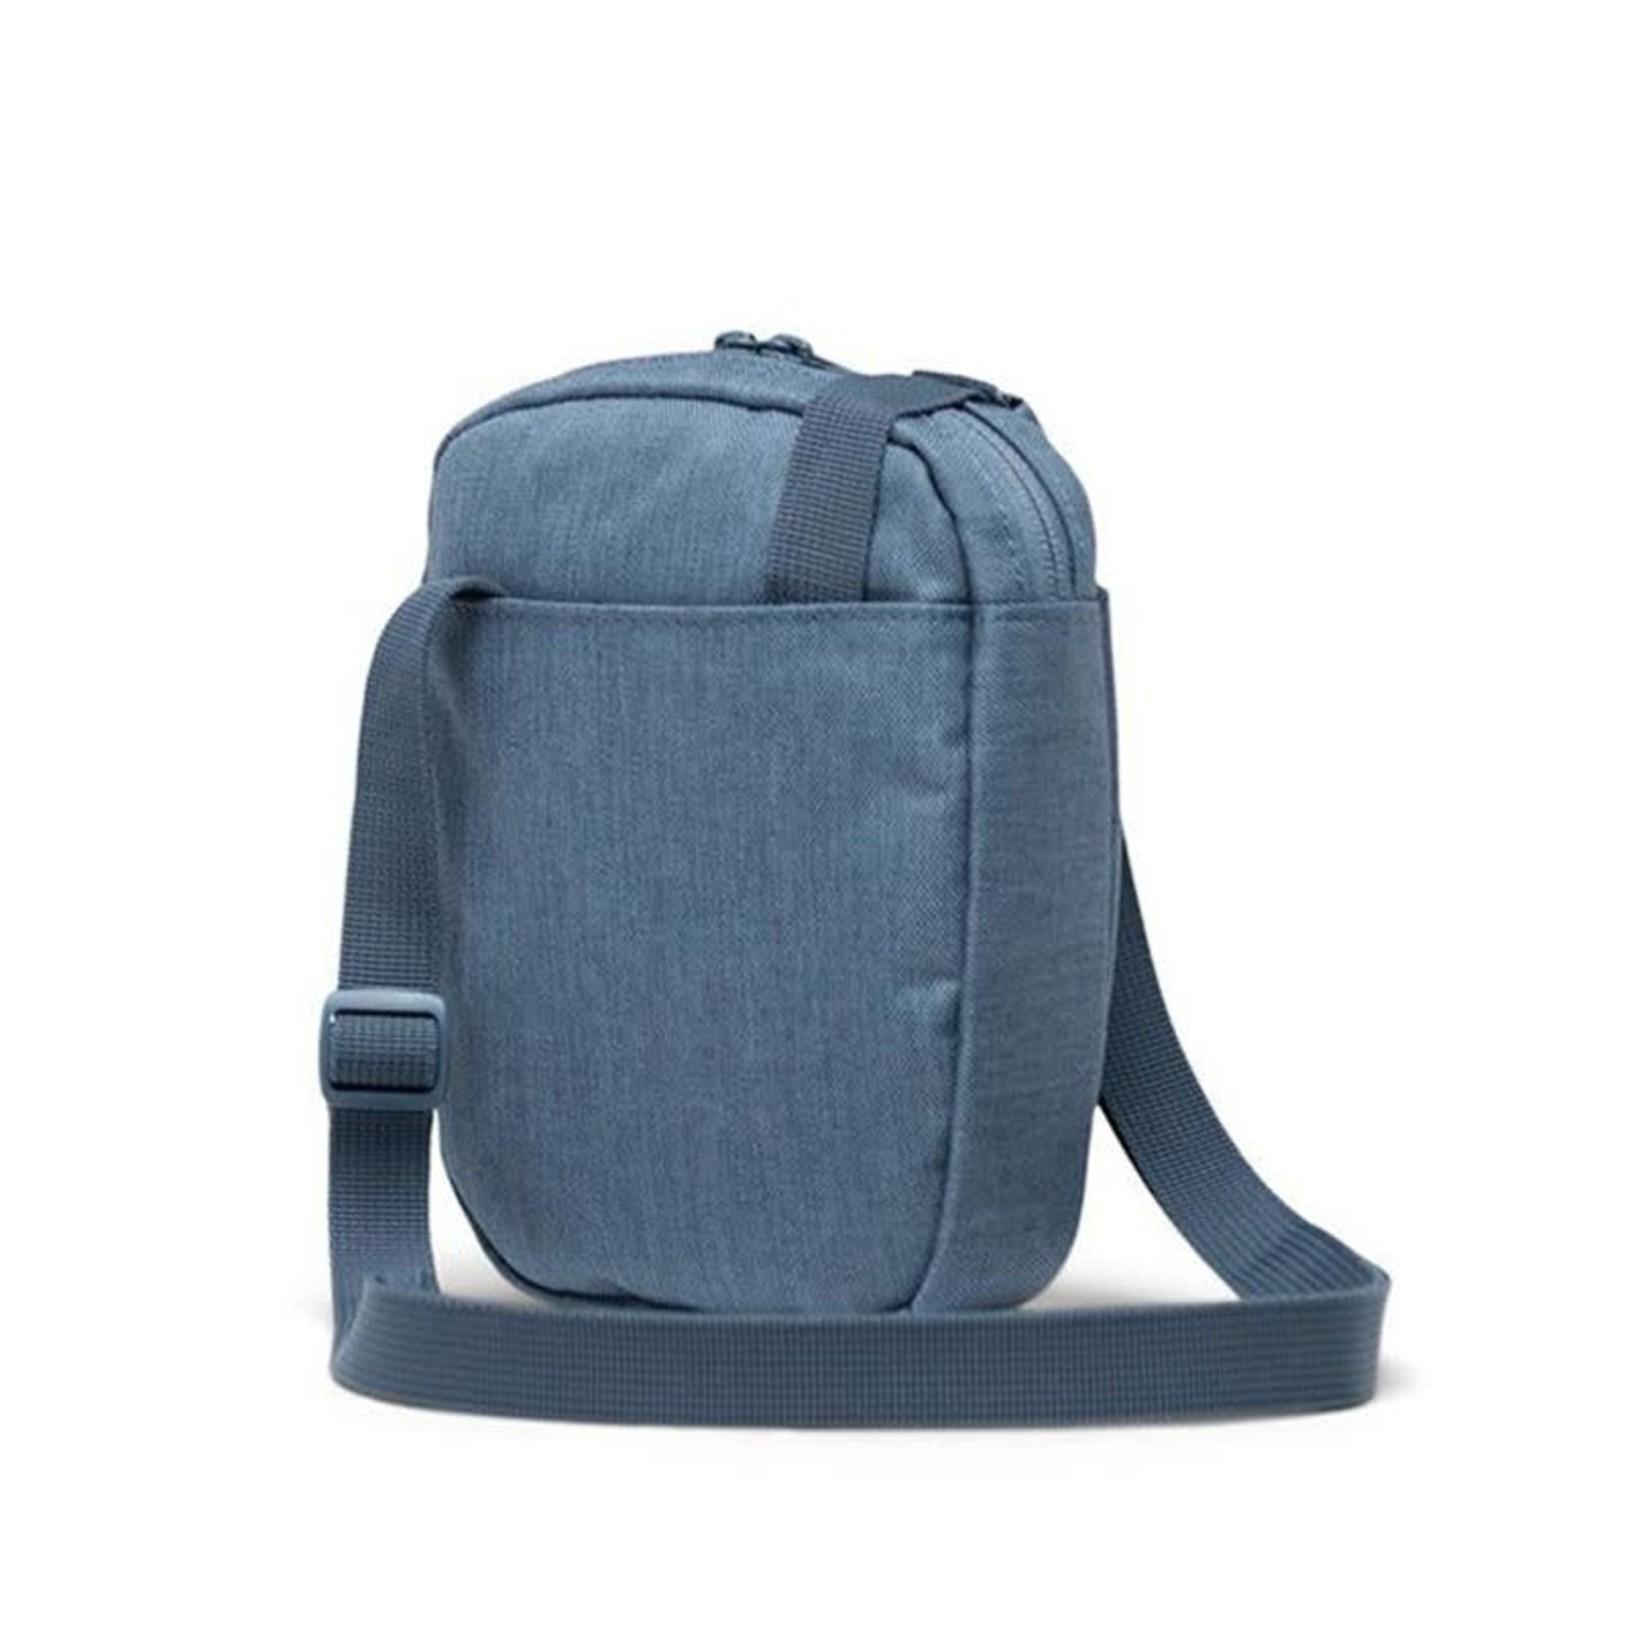 Herschel Herschel : Cruz Crossbody Bag Blue Mirage Crosshatch O/S